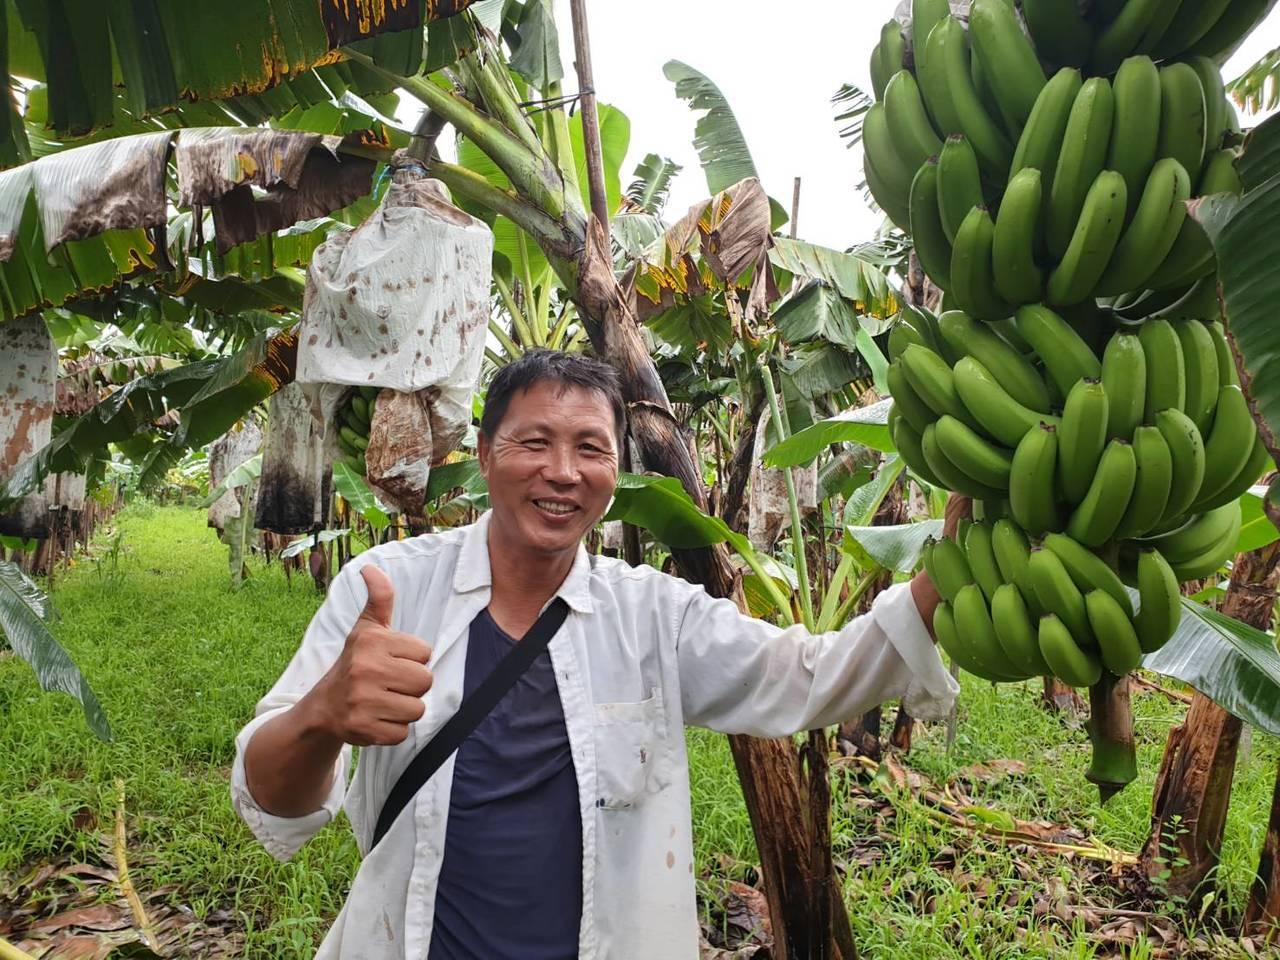 萬巒農友簡良智,原在石化業擔任工程師擁有百萬年薪,但3年前辭職返鄉務農,10公頃...